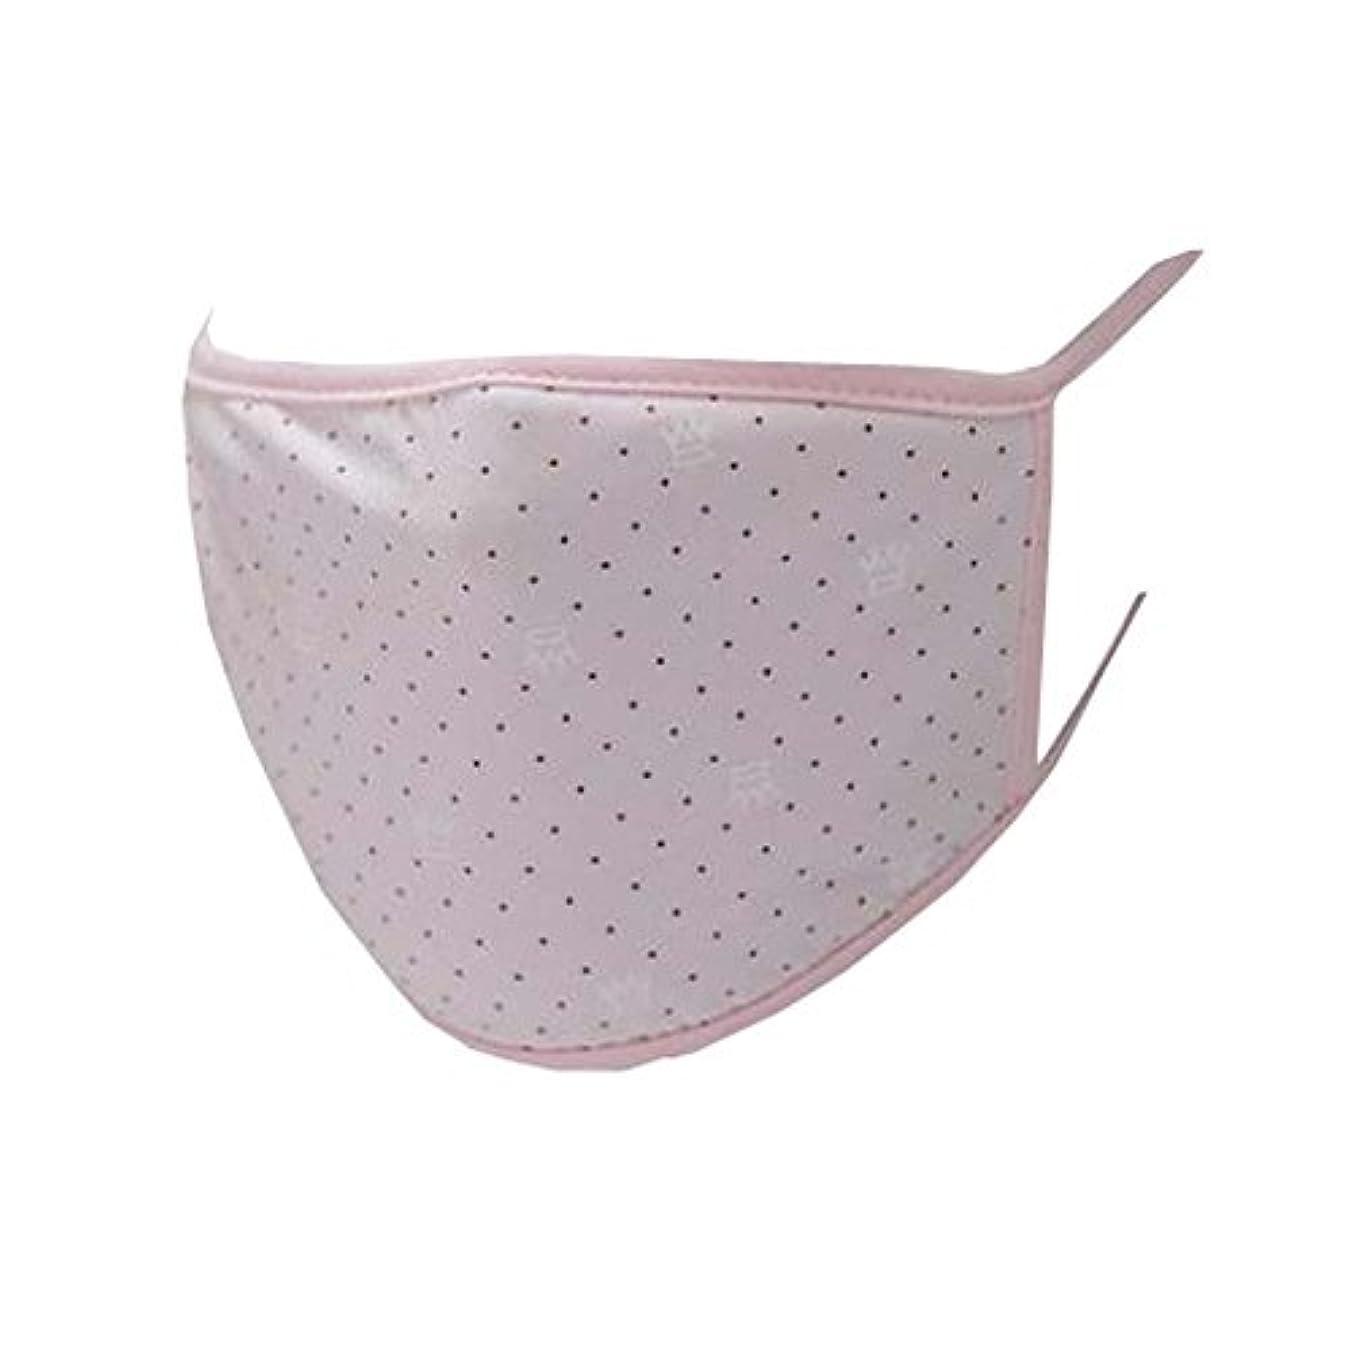 コンパクト学校恐怖口マスク、再使用可能フィルター - 埃、花粉、アレルゲン、抗UV、およびインフルエンザ菌 - A